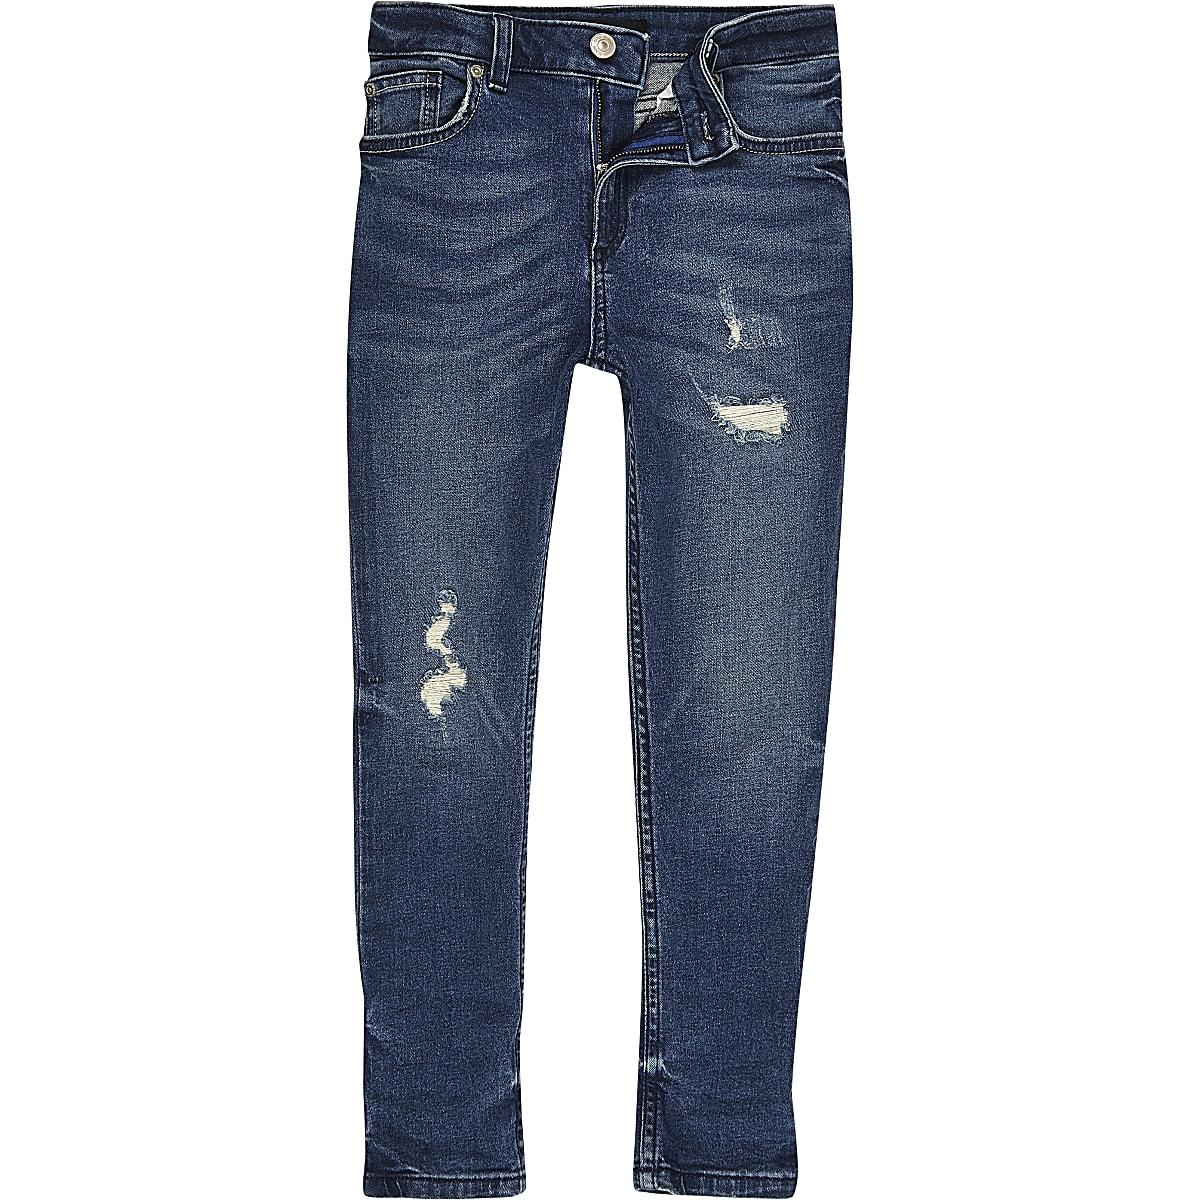 Sid middenblauwe distressed skinny jeans voor jongens